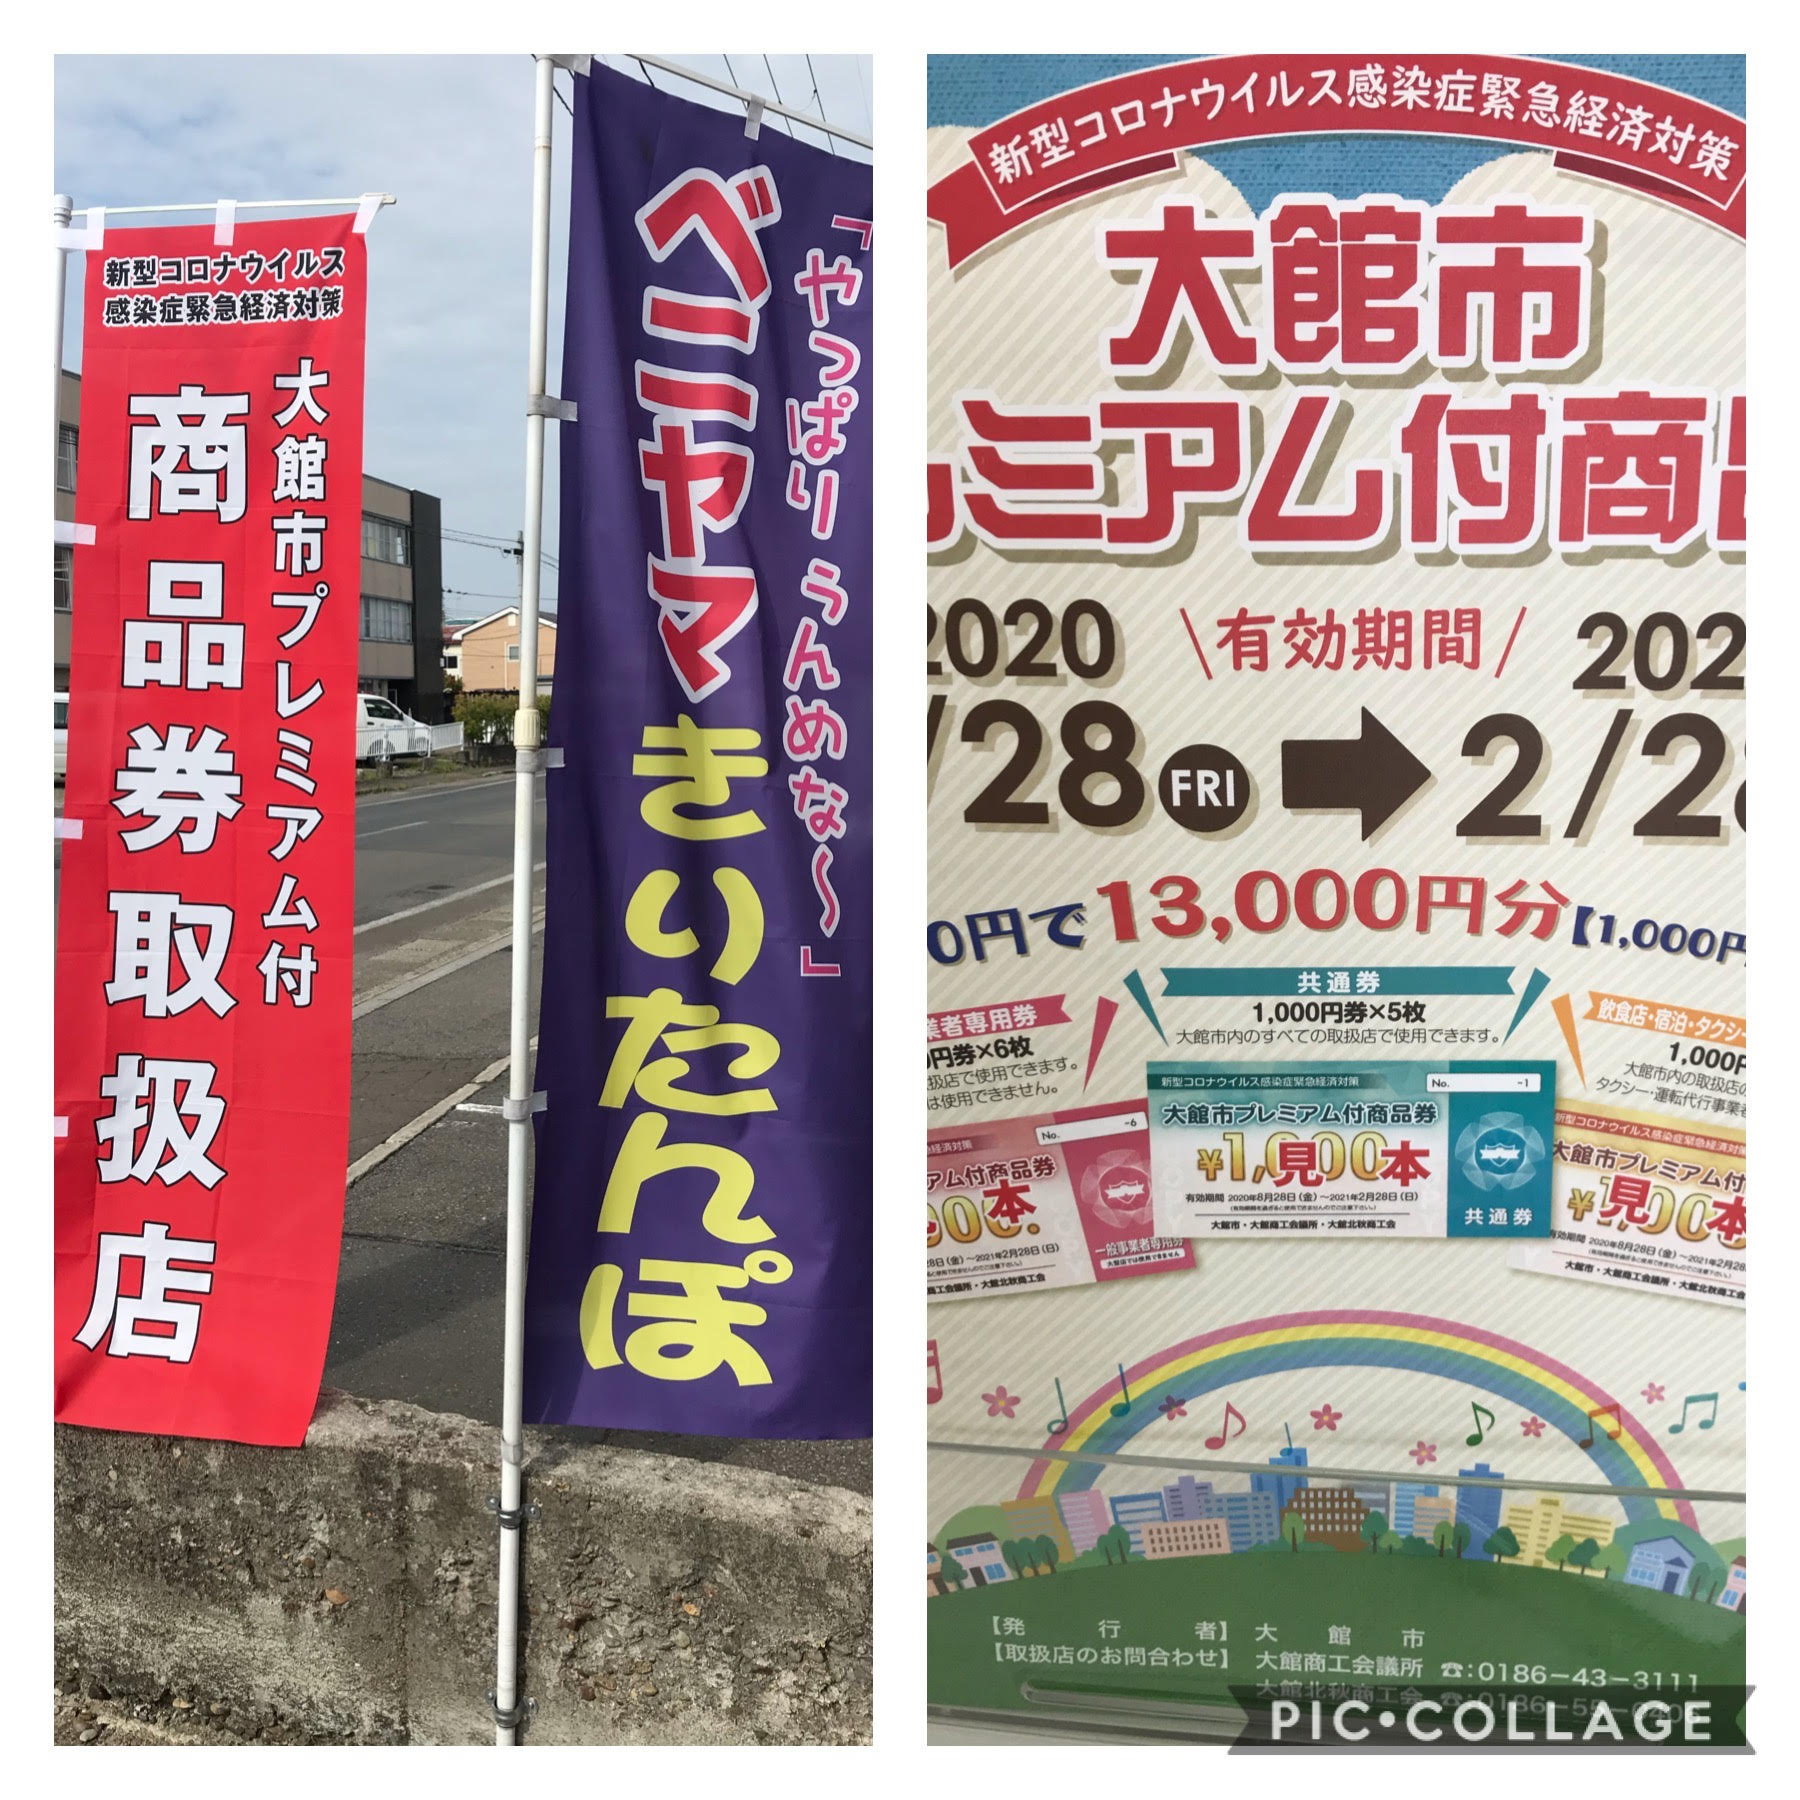 プレミアム 商品 券 秋田 市